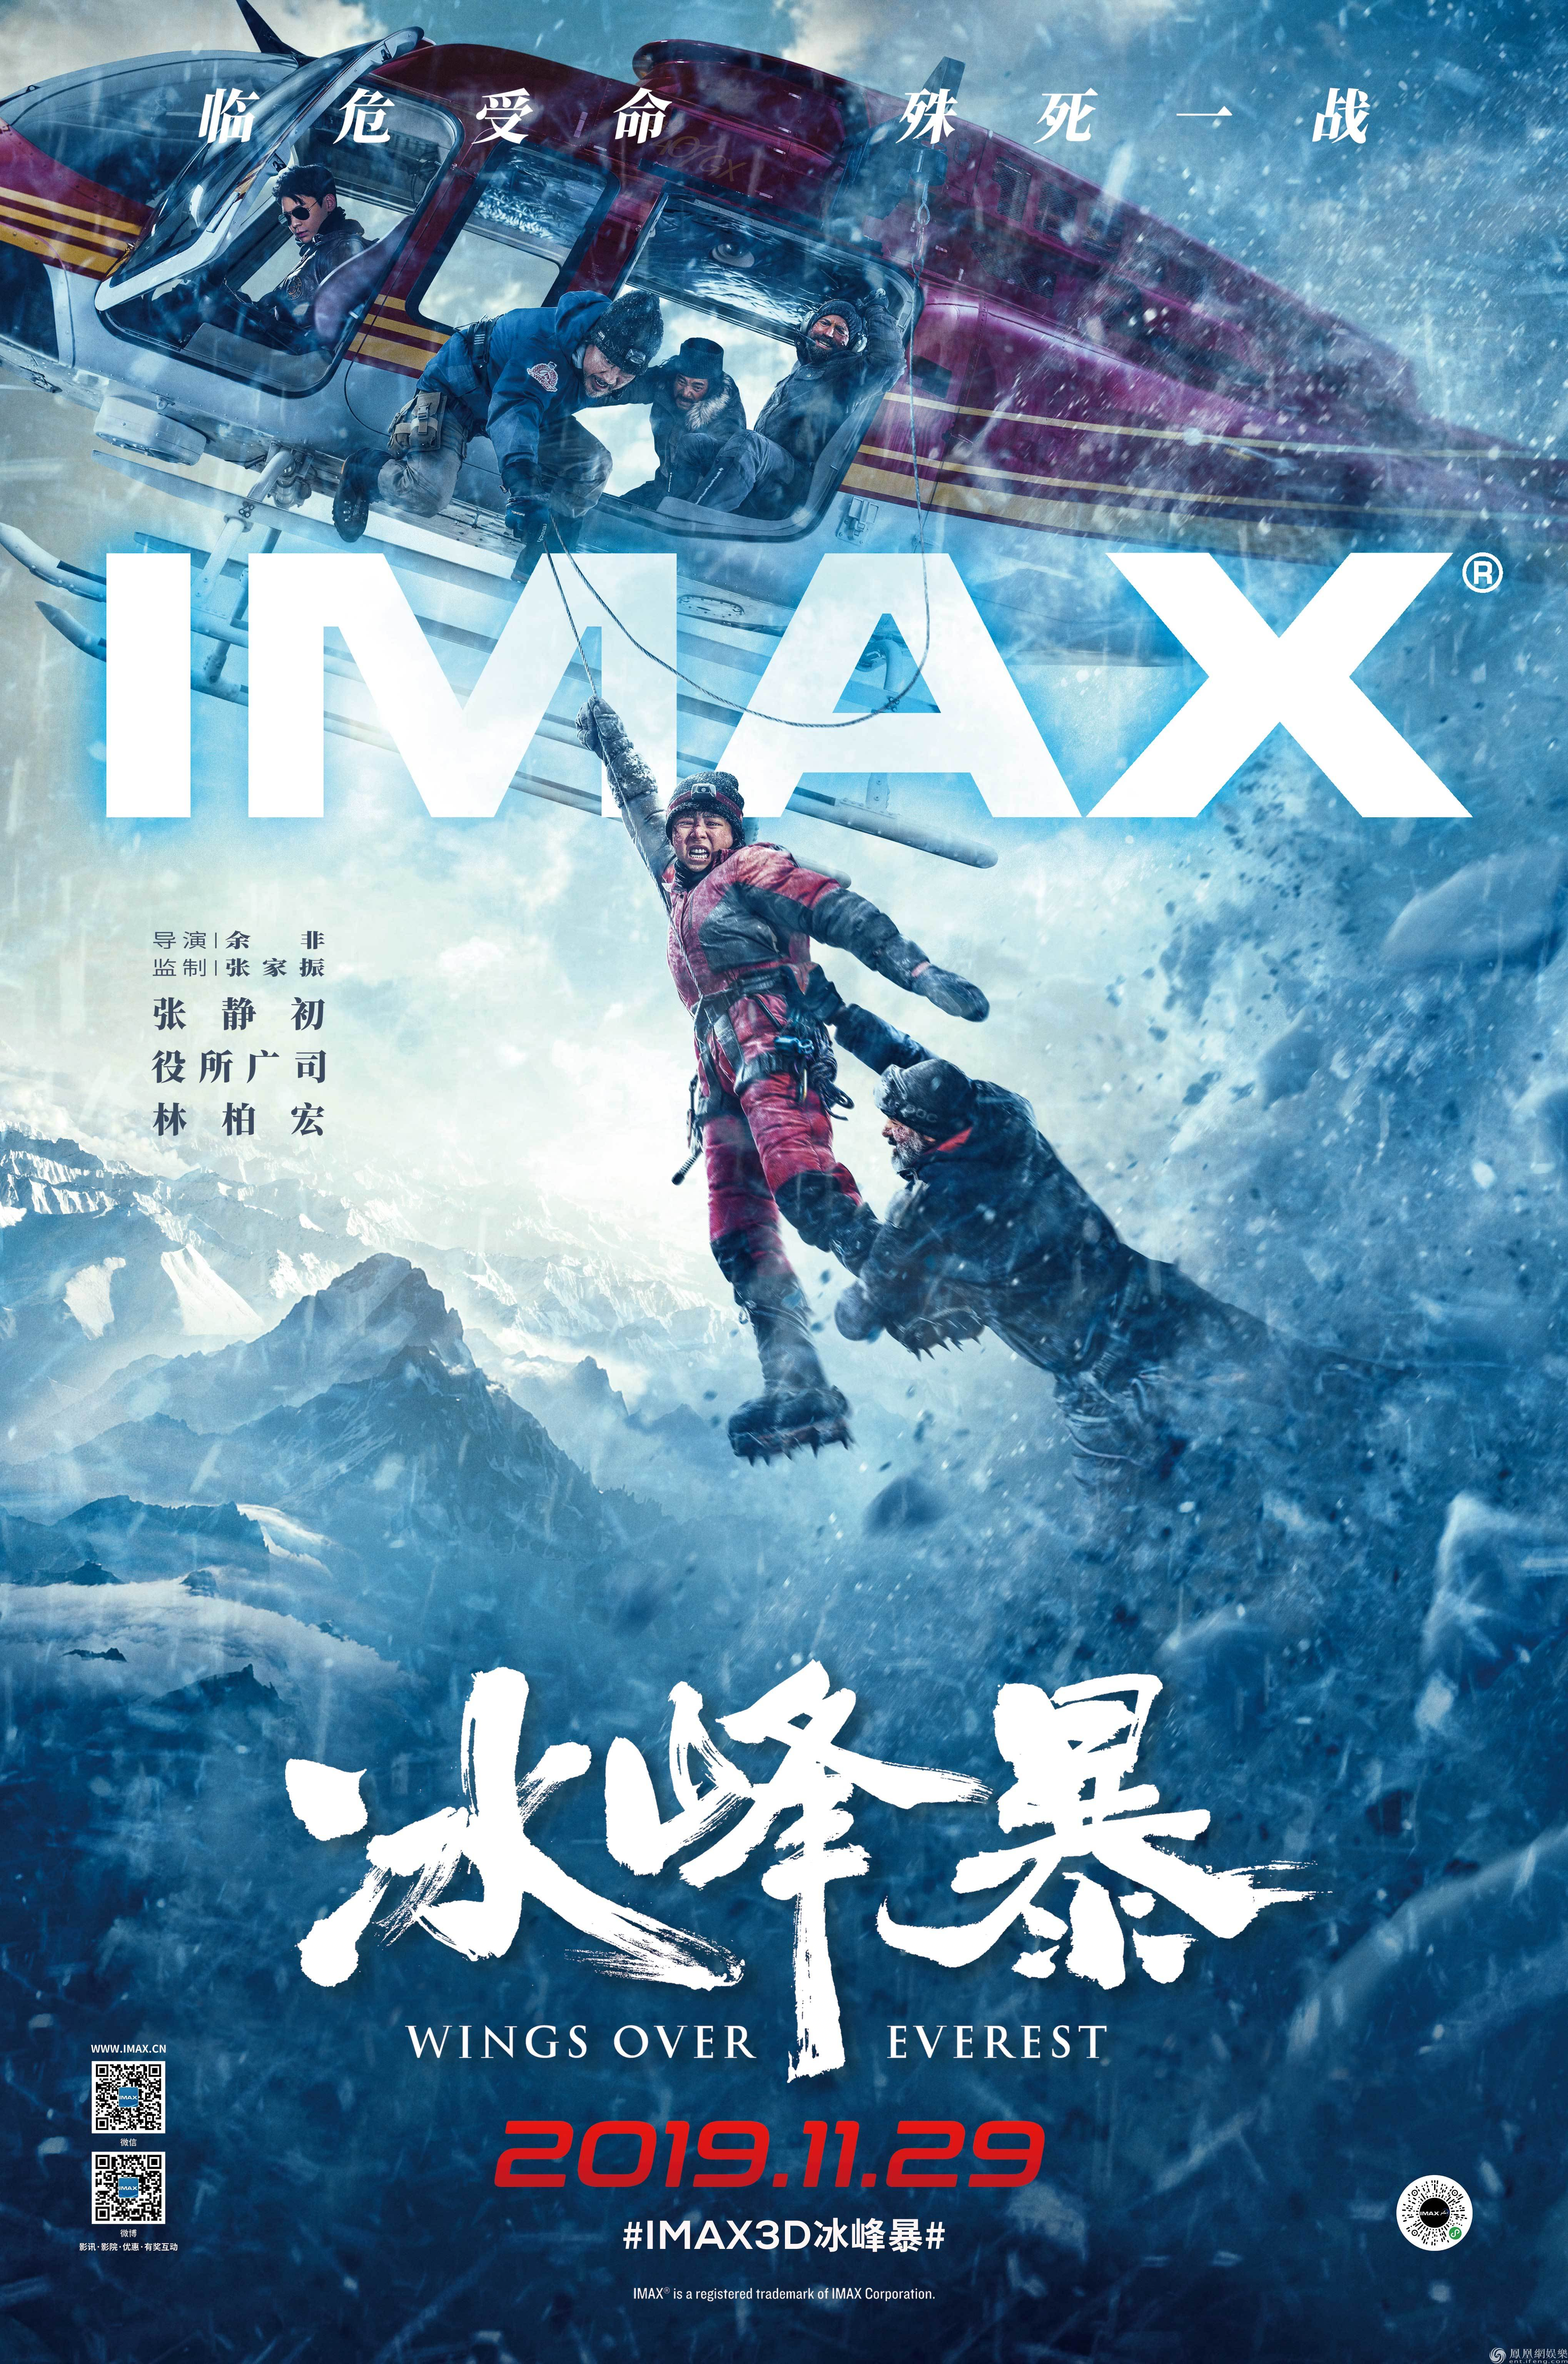 反恐动作大片《冰峰暴》即将于11月29日本周五公映